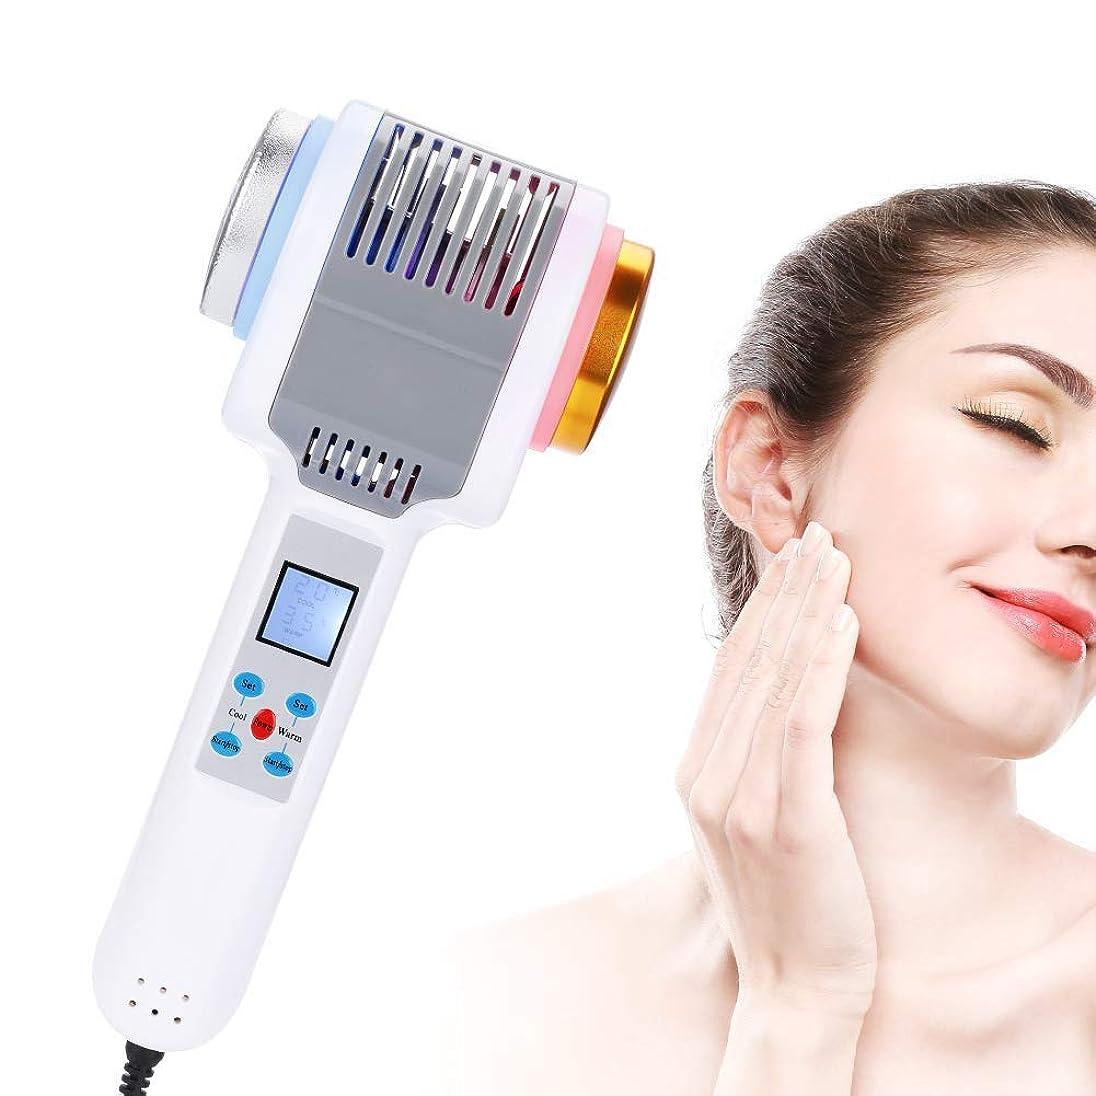 偏見クマノミメタリック光子療法機ホット&コールドハンマーアイスファイアダブルヘッド振動マッサージ美容機器削除しわ明るい顔の引き締め美容若返りツール